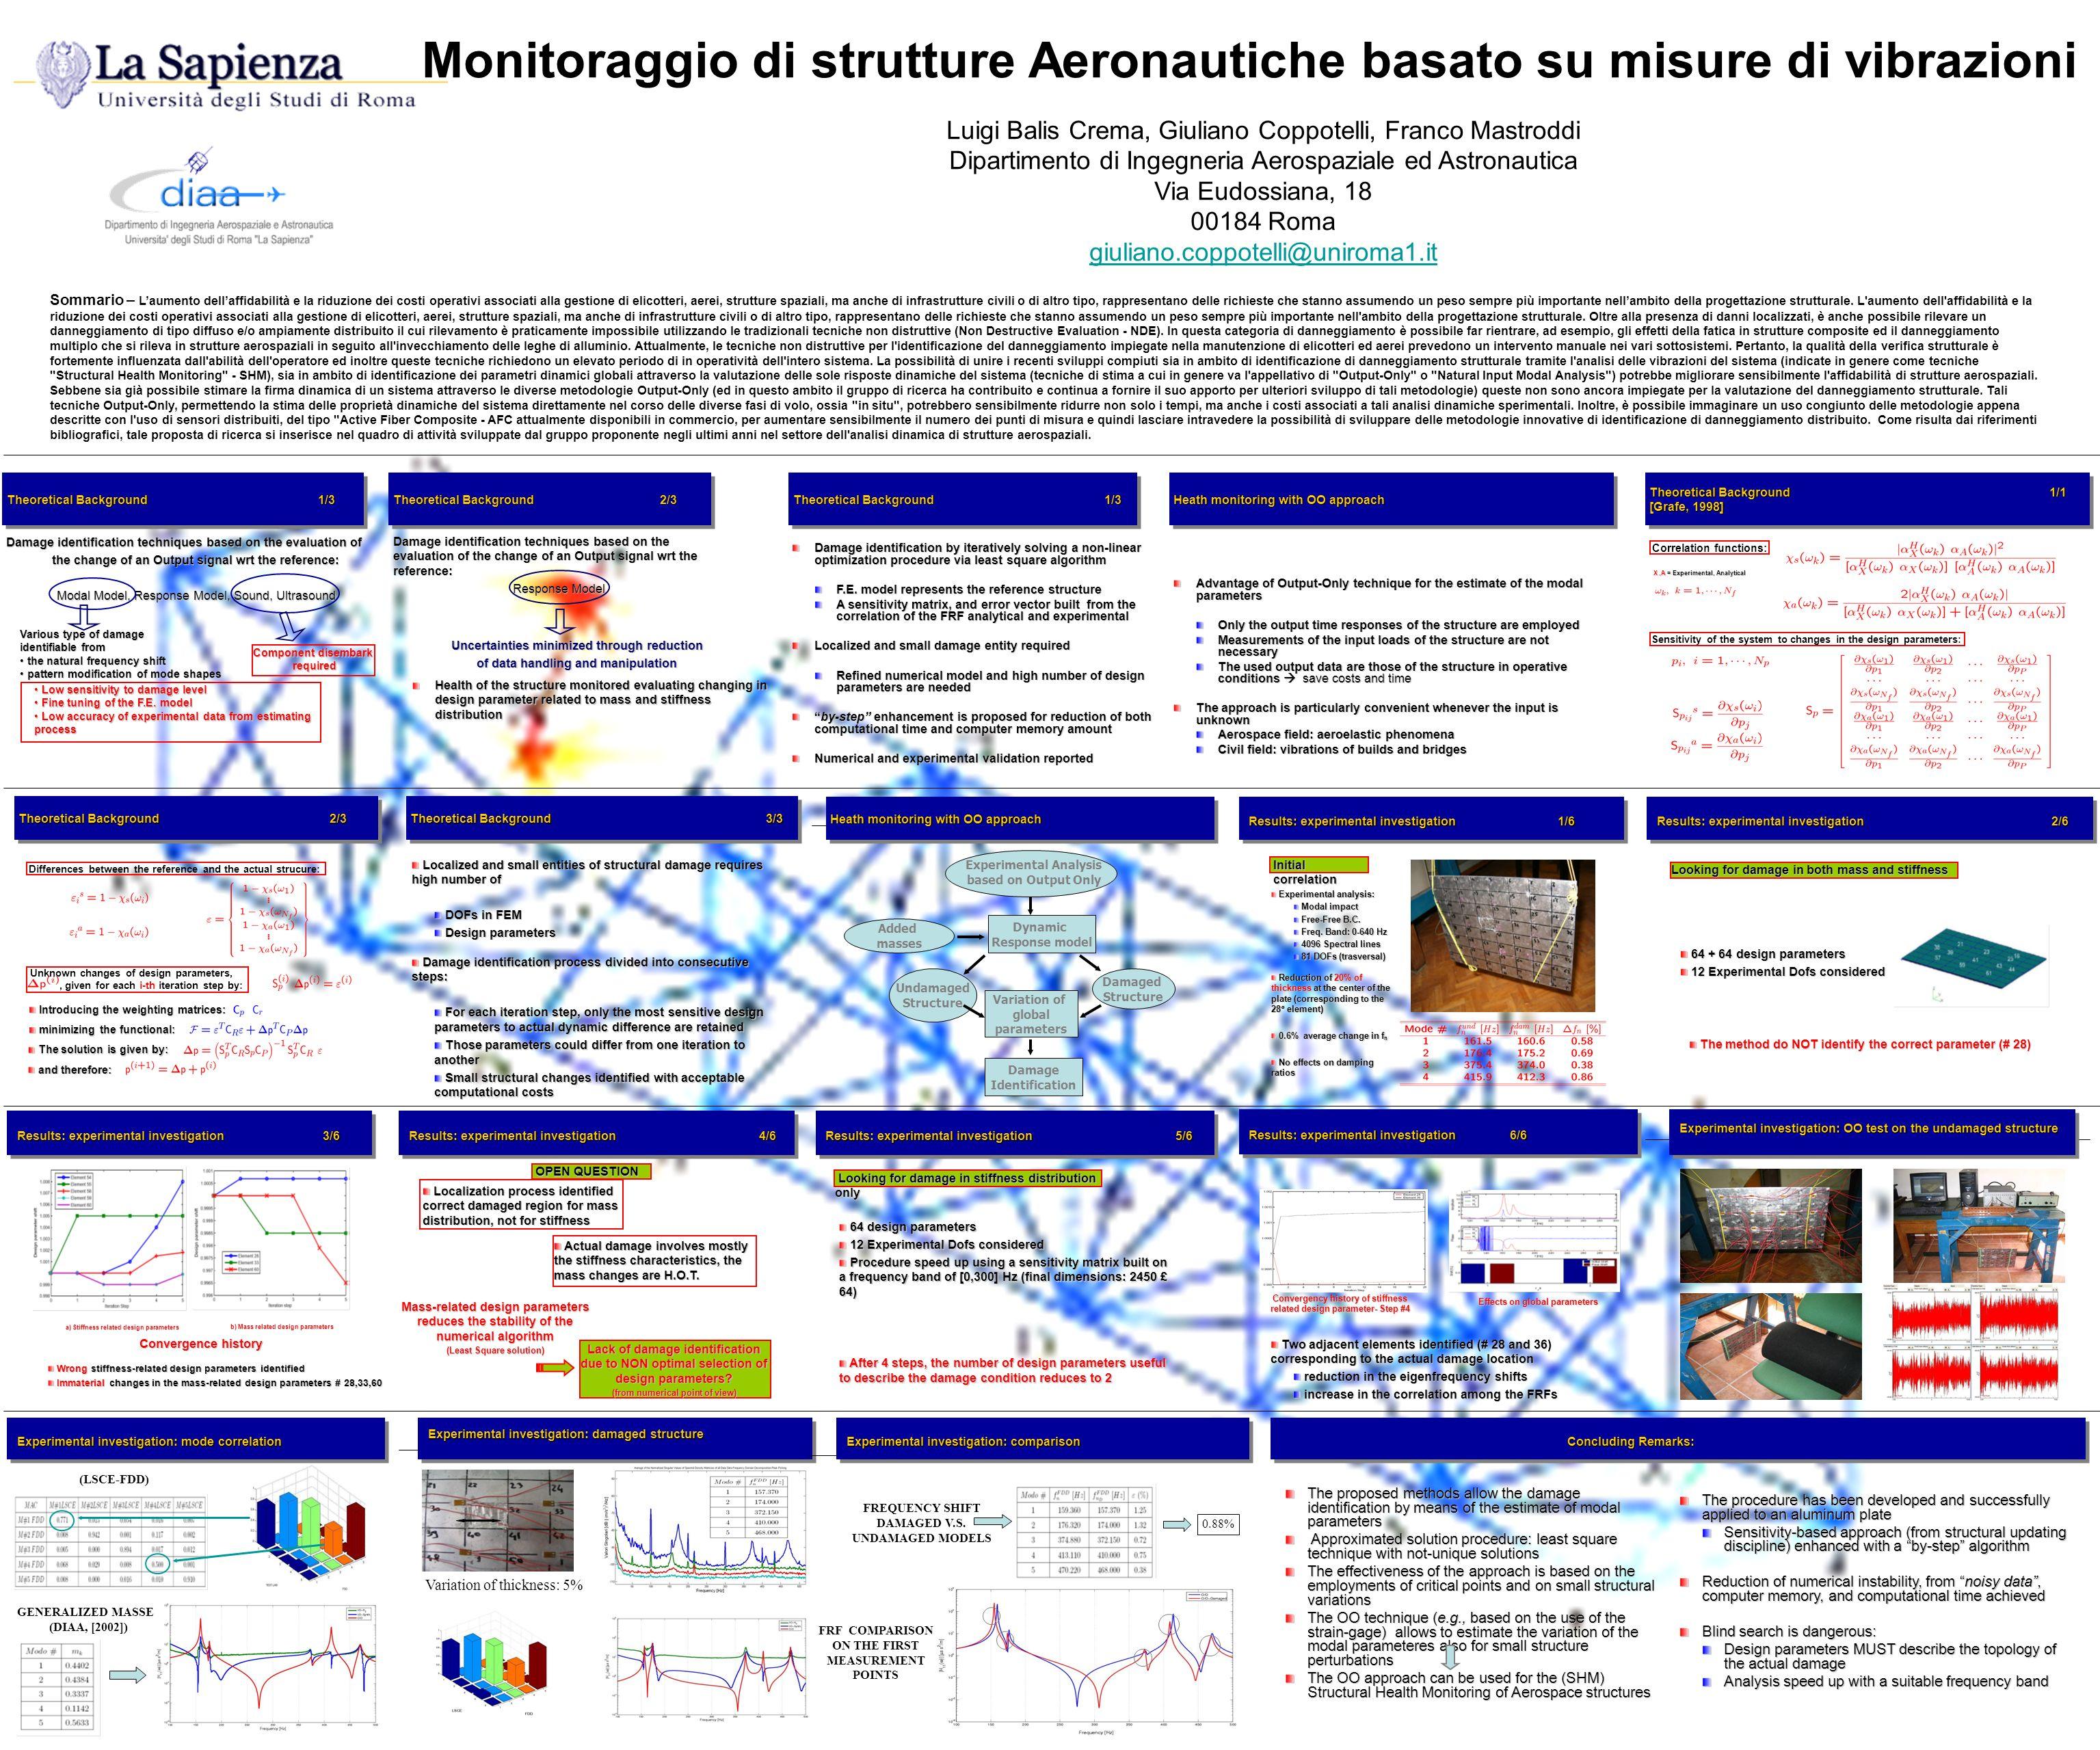 Monitoraggio di strutture Aeronautiche basato su misure di vibrazioni Luigi Balis Crema, Giuliano Coppotelli, Franco Mastroddi Dipartimento di Ingegne